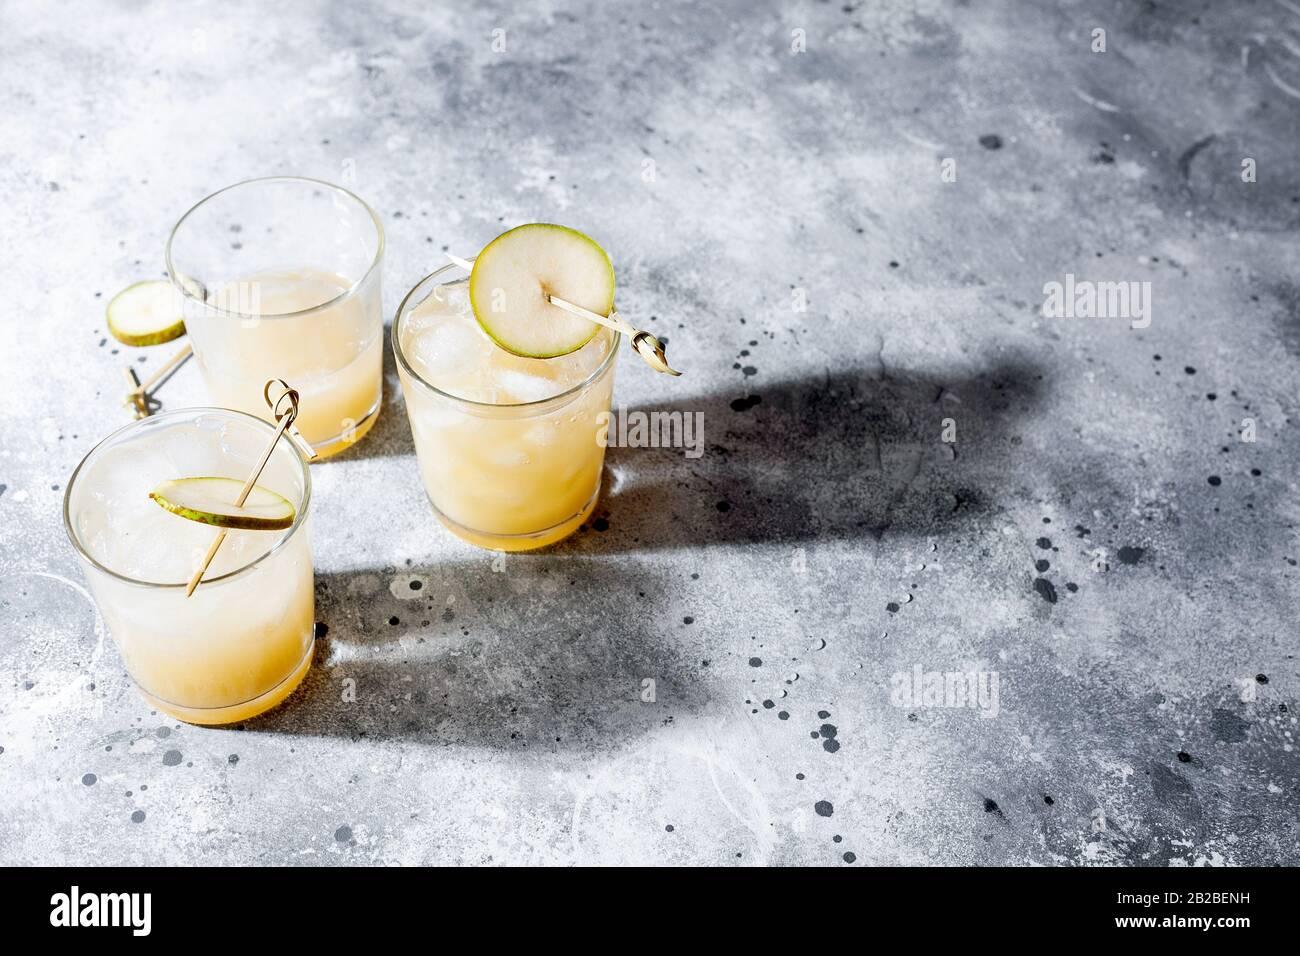 Cocktail di pera freddo o mocktail con purea di soda e pera e fette di frutta in vetro corto su sfondo grigio con ombra. Rinfrescante drink estivo Foto Stock